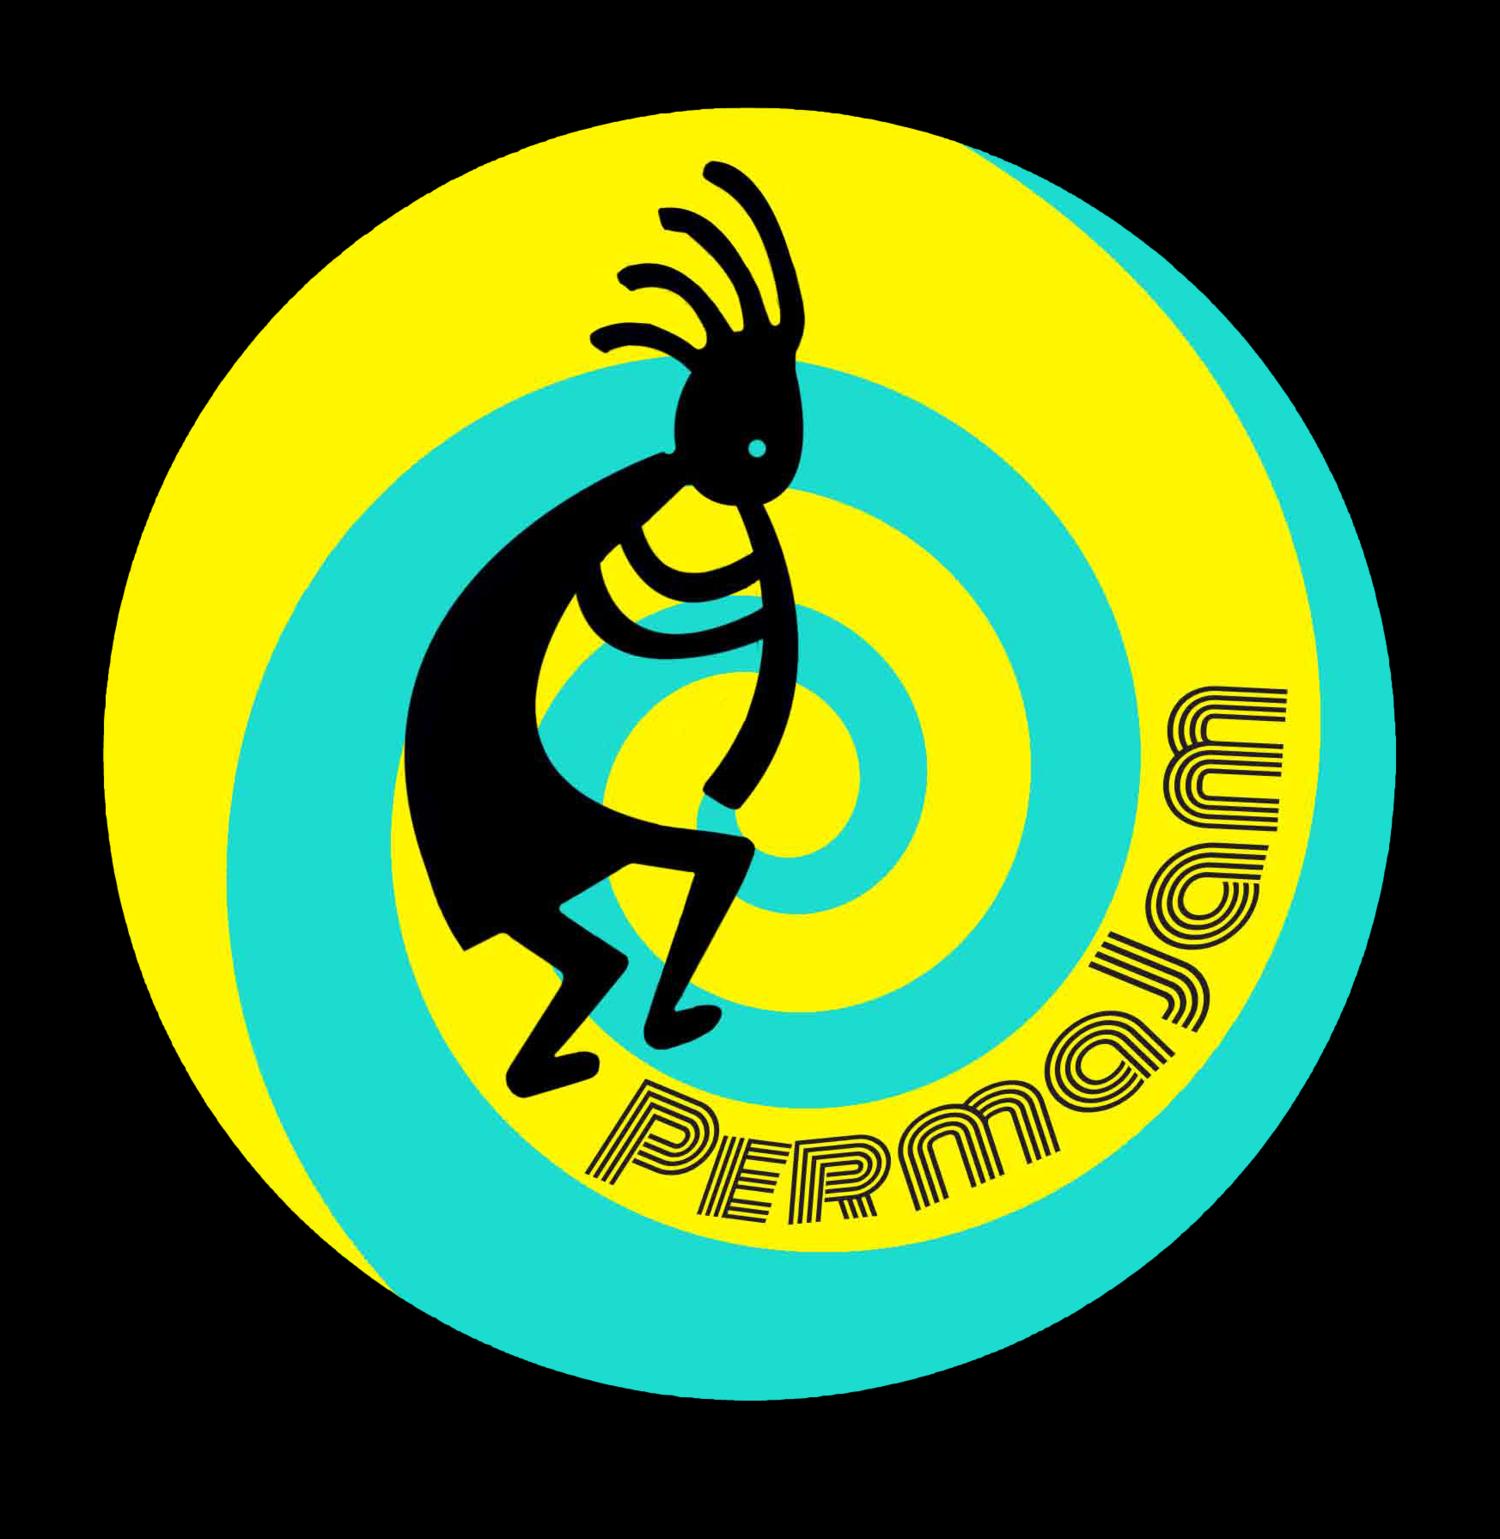 permajam logo.png